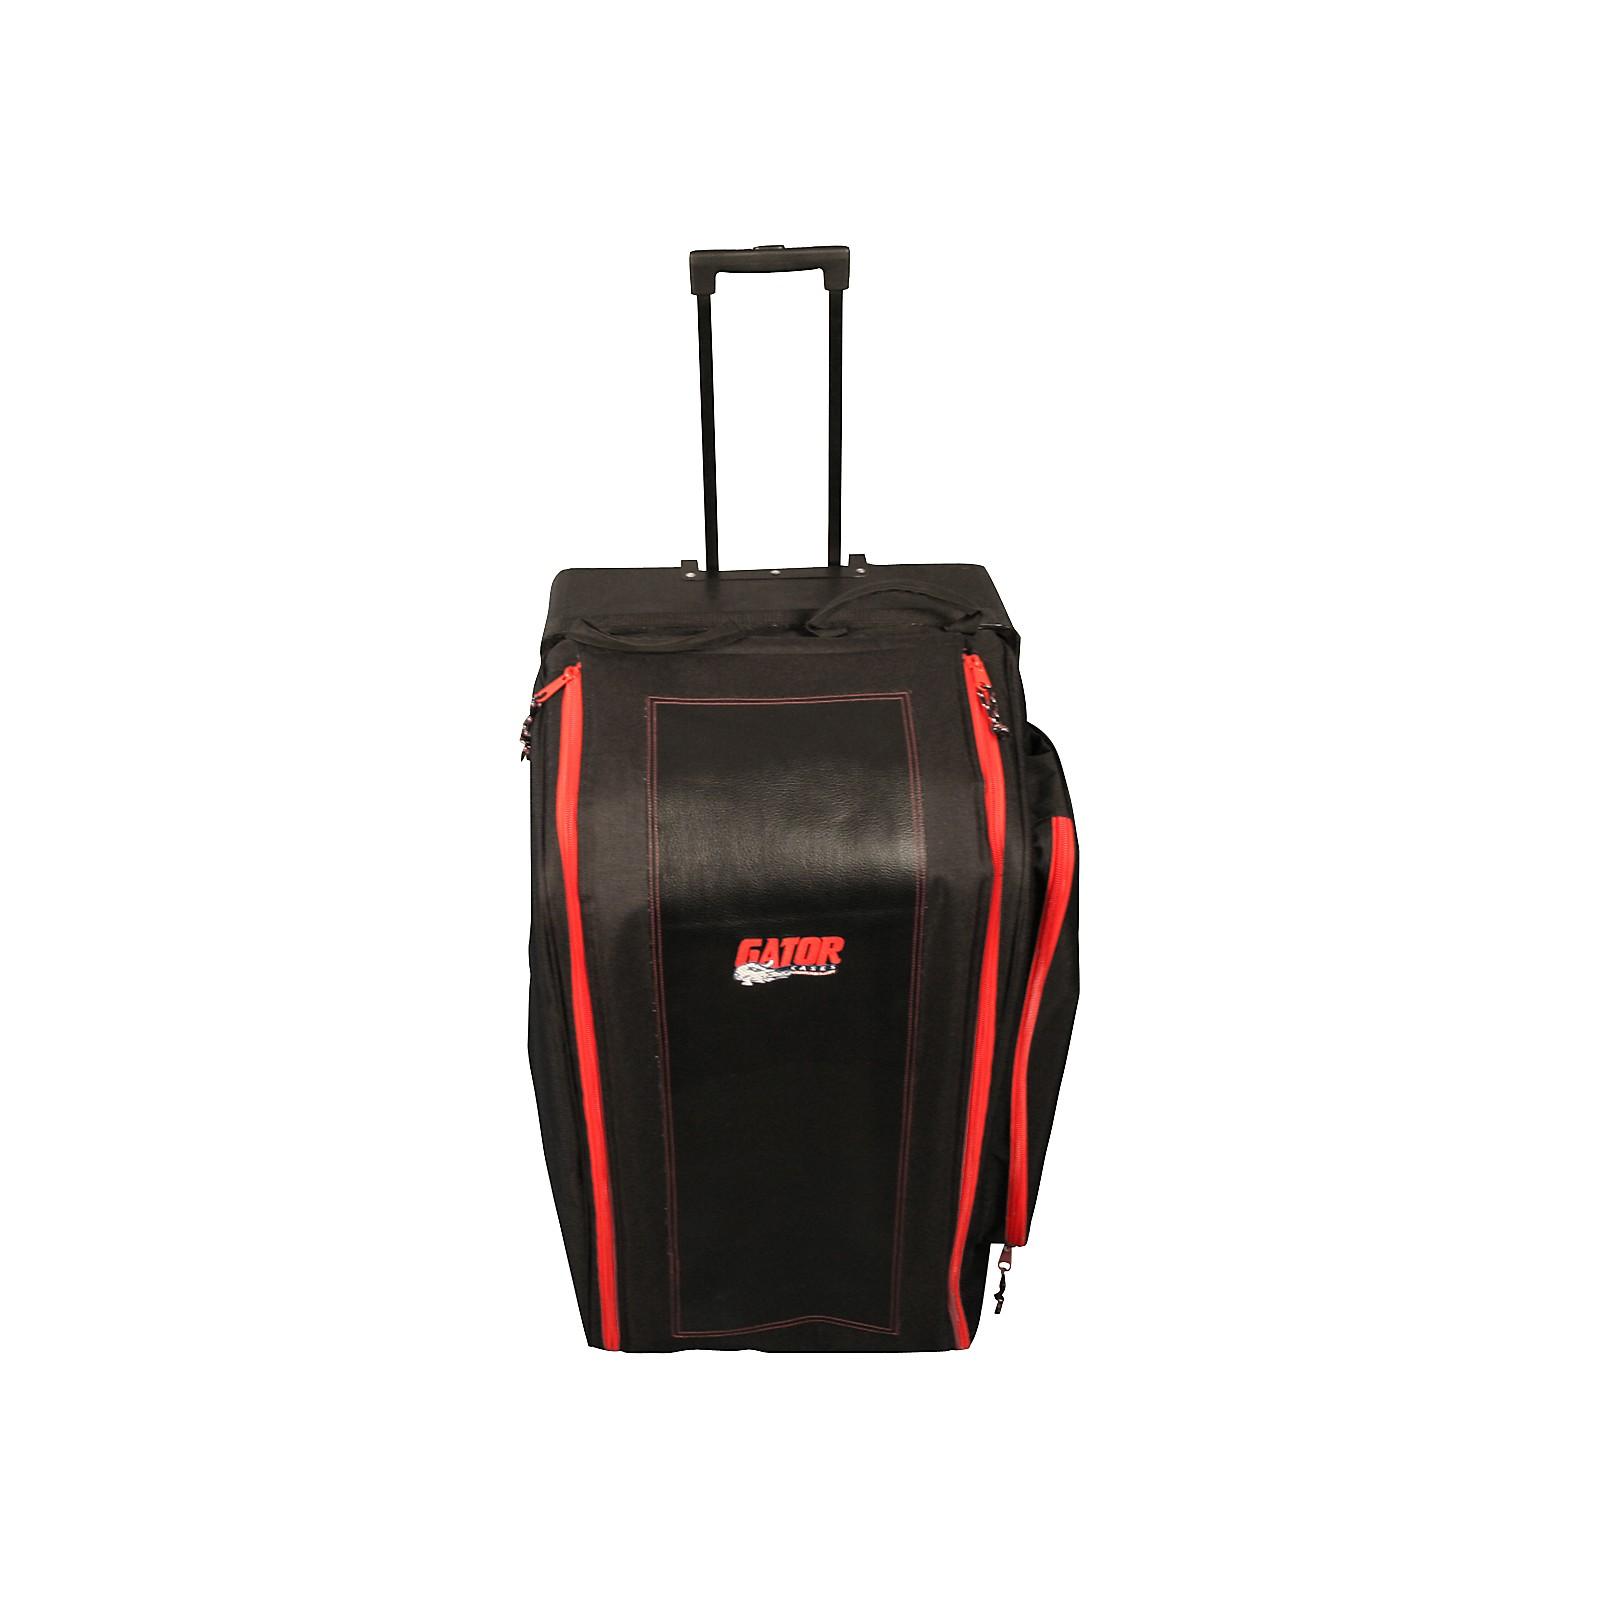 Gator GPA-777 Heavy-Duty Speaker Bag